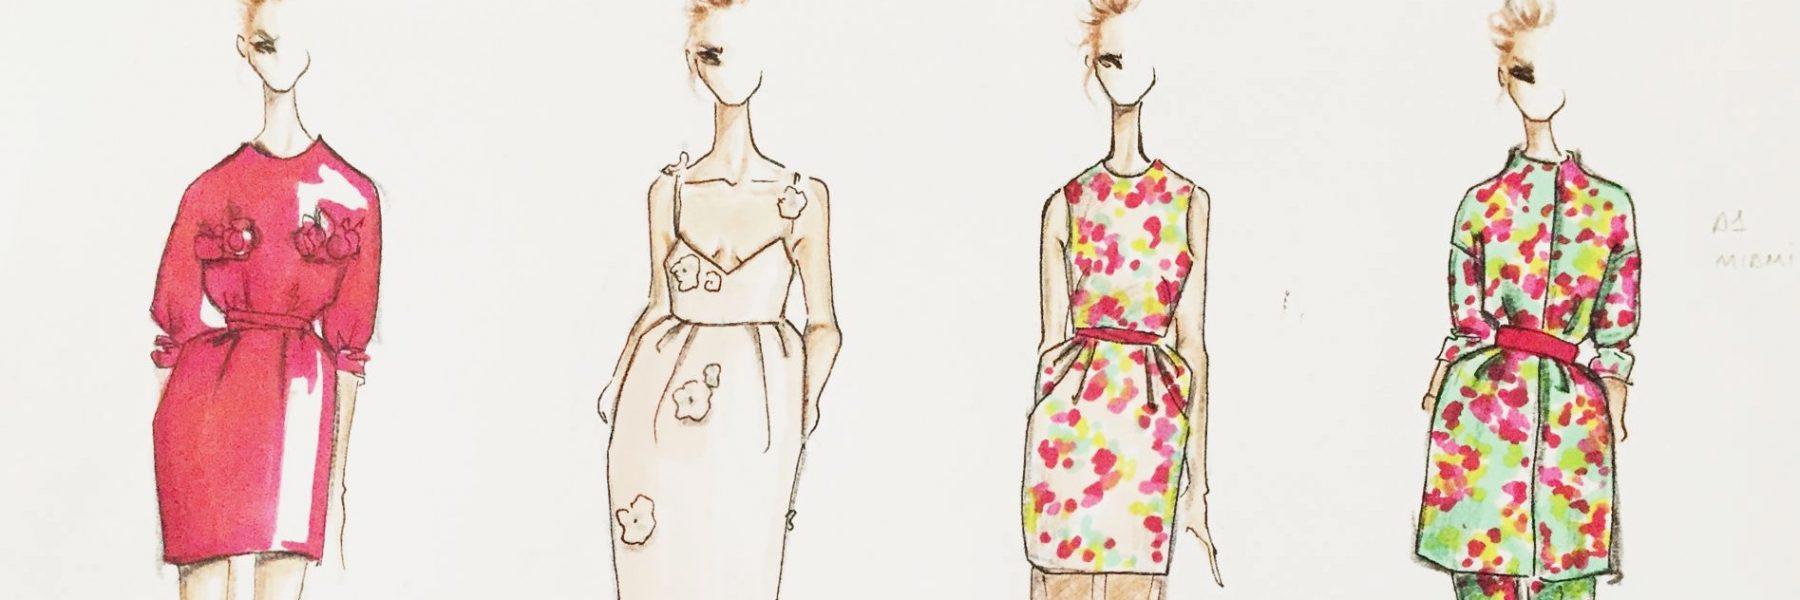 Si te gusta el mundo de la moda y te quieres dedicar profesionalmente a ello... ¡hemos encontrado la mejor manera de hacerlo!